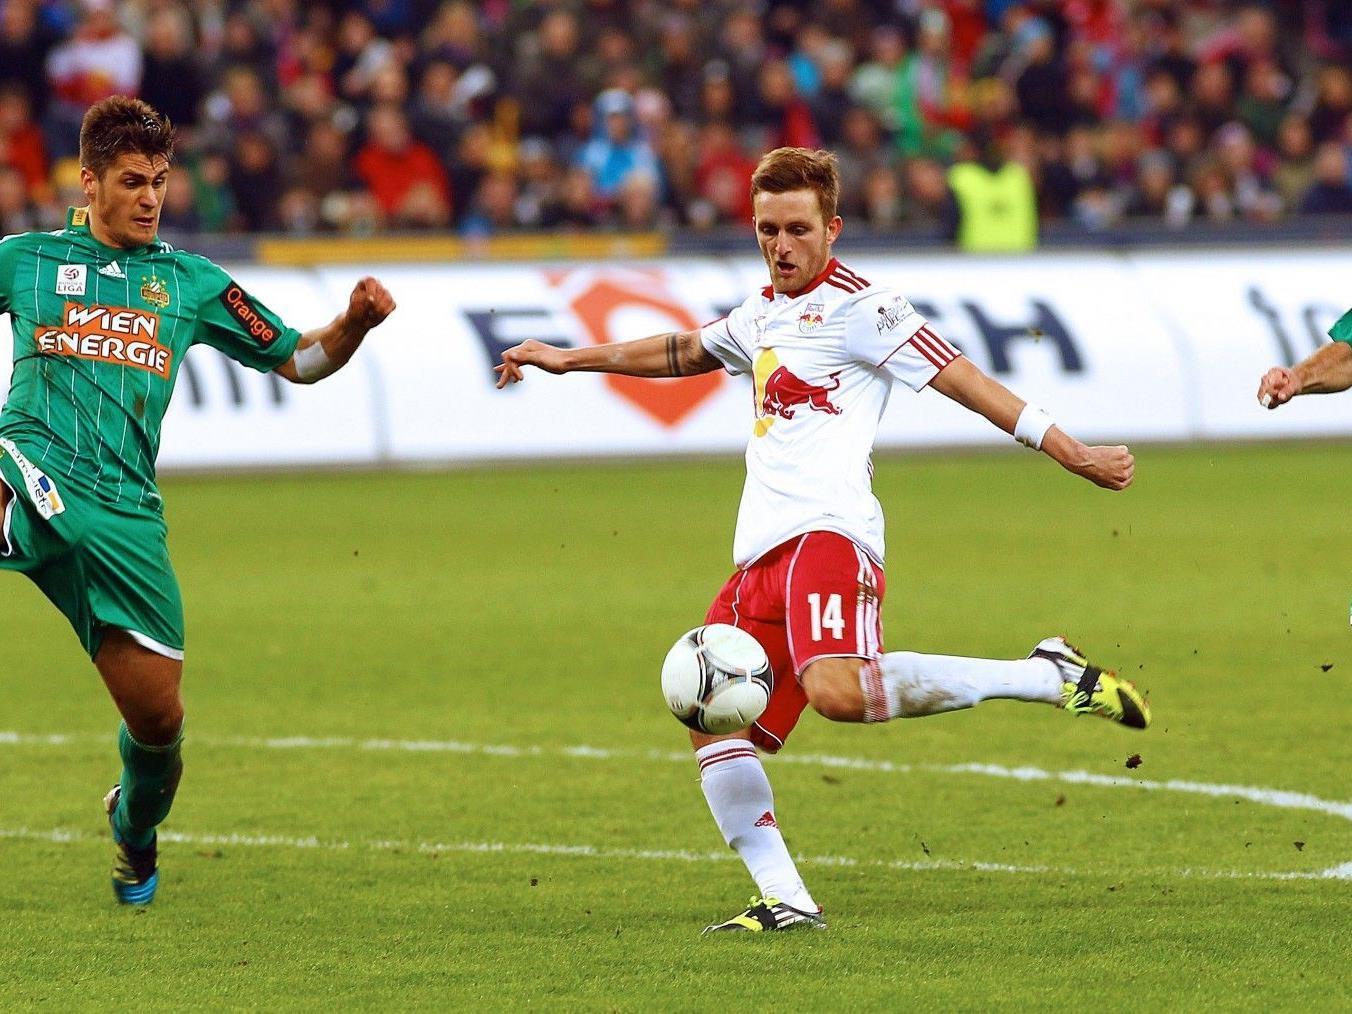 Wir berichten live vom Spiel Red Bull Salzburg gegen SK Rapid Wien in unserem Ticker.